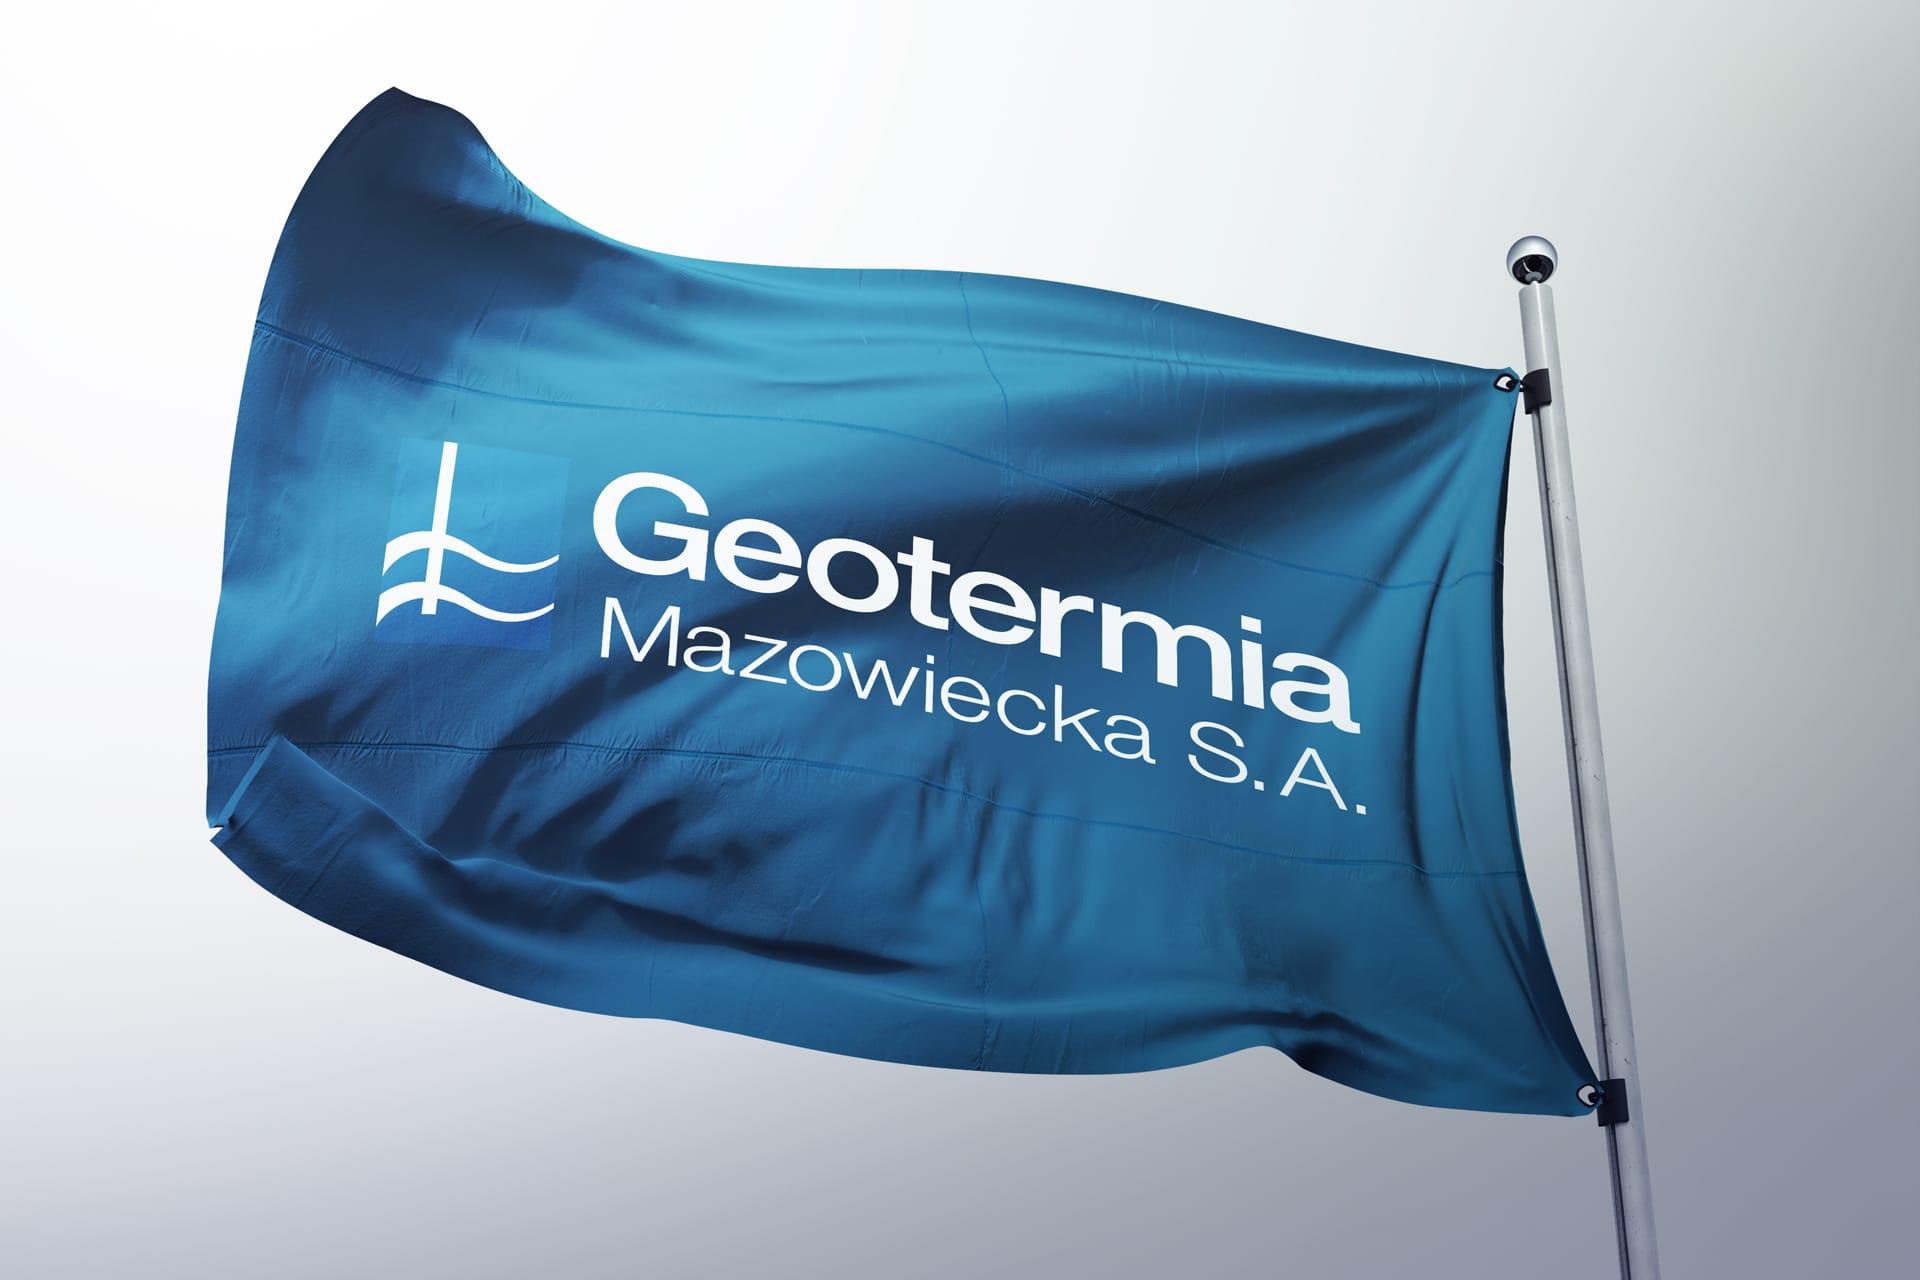 Geotermia Mazowiecka SA rewitalizacja logo firmowego Agencja brandingowa Moweli Creative